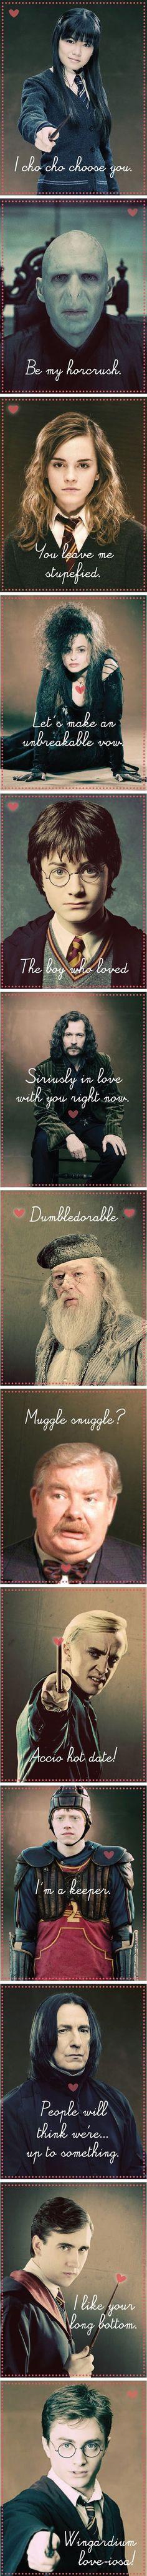 A Very Potter Valentine!: